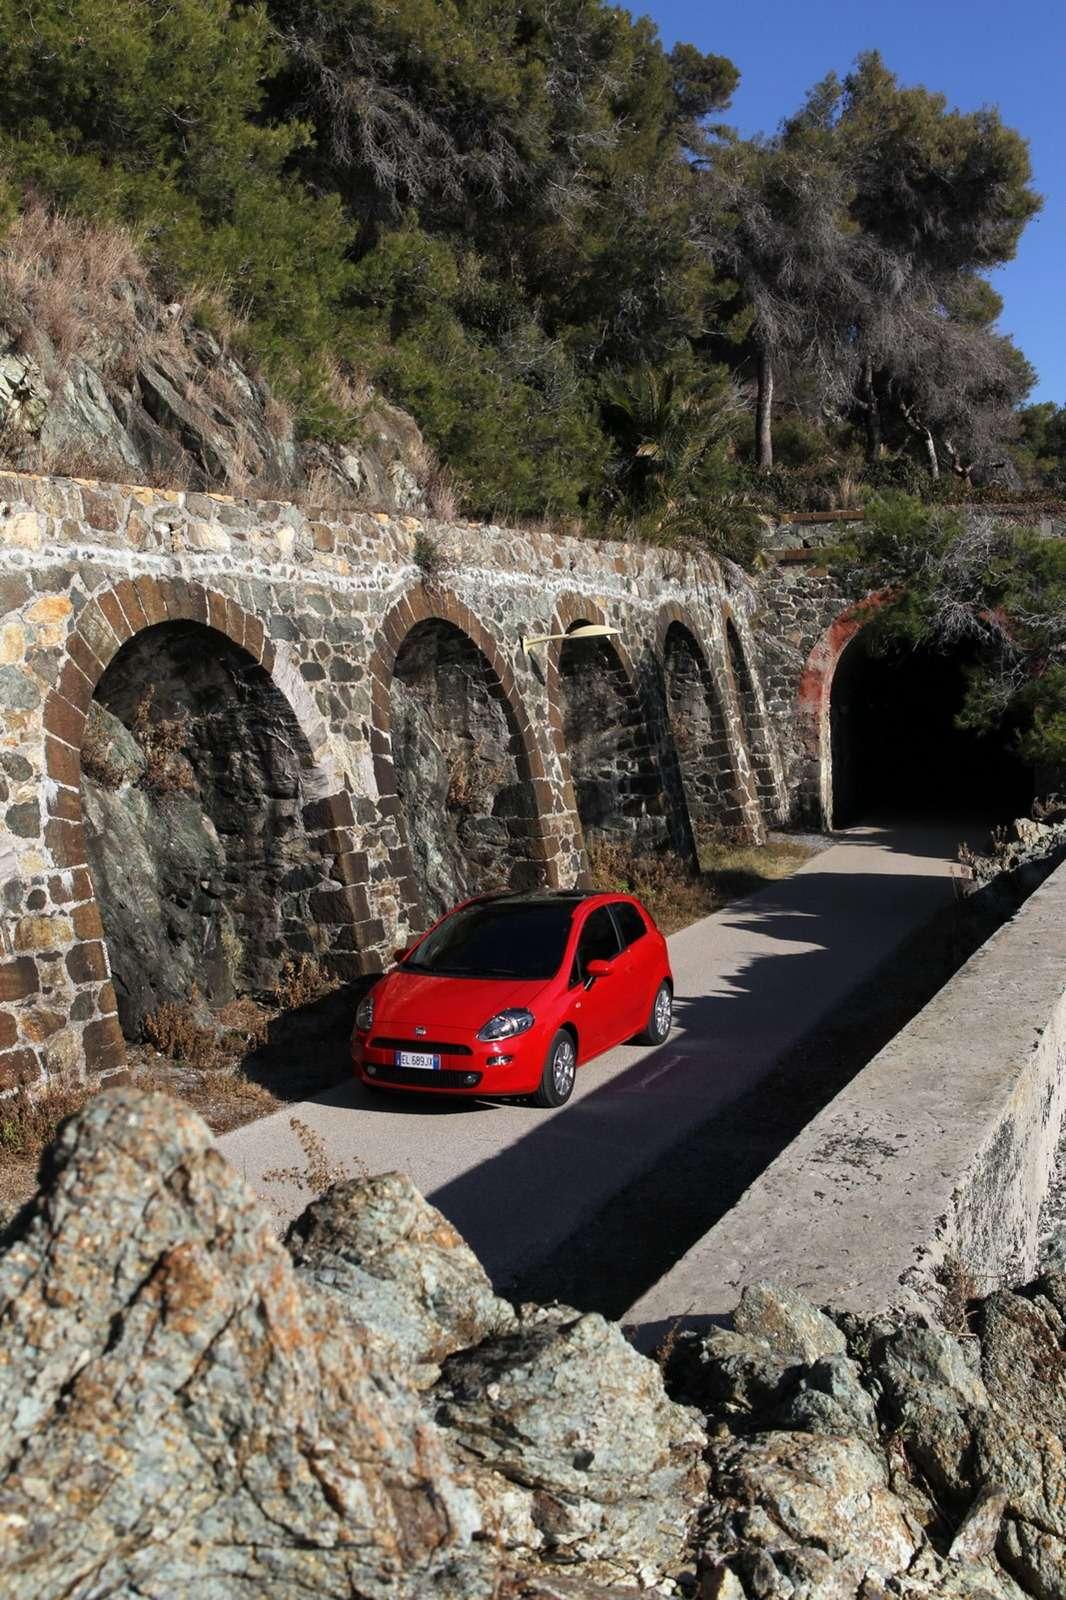 Fiat Punto 2012 fot oficjalnie luty 2012